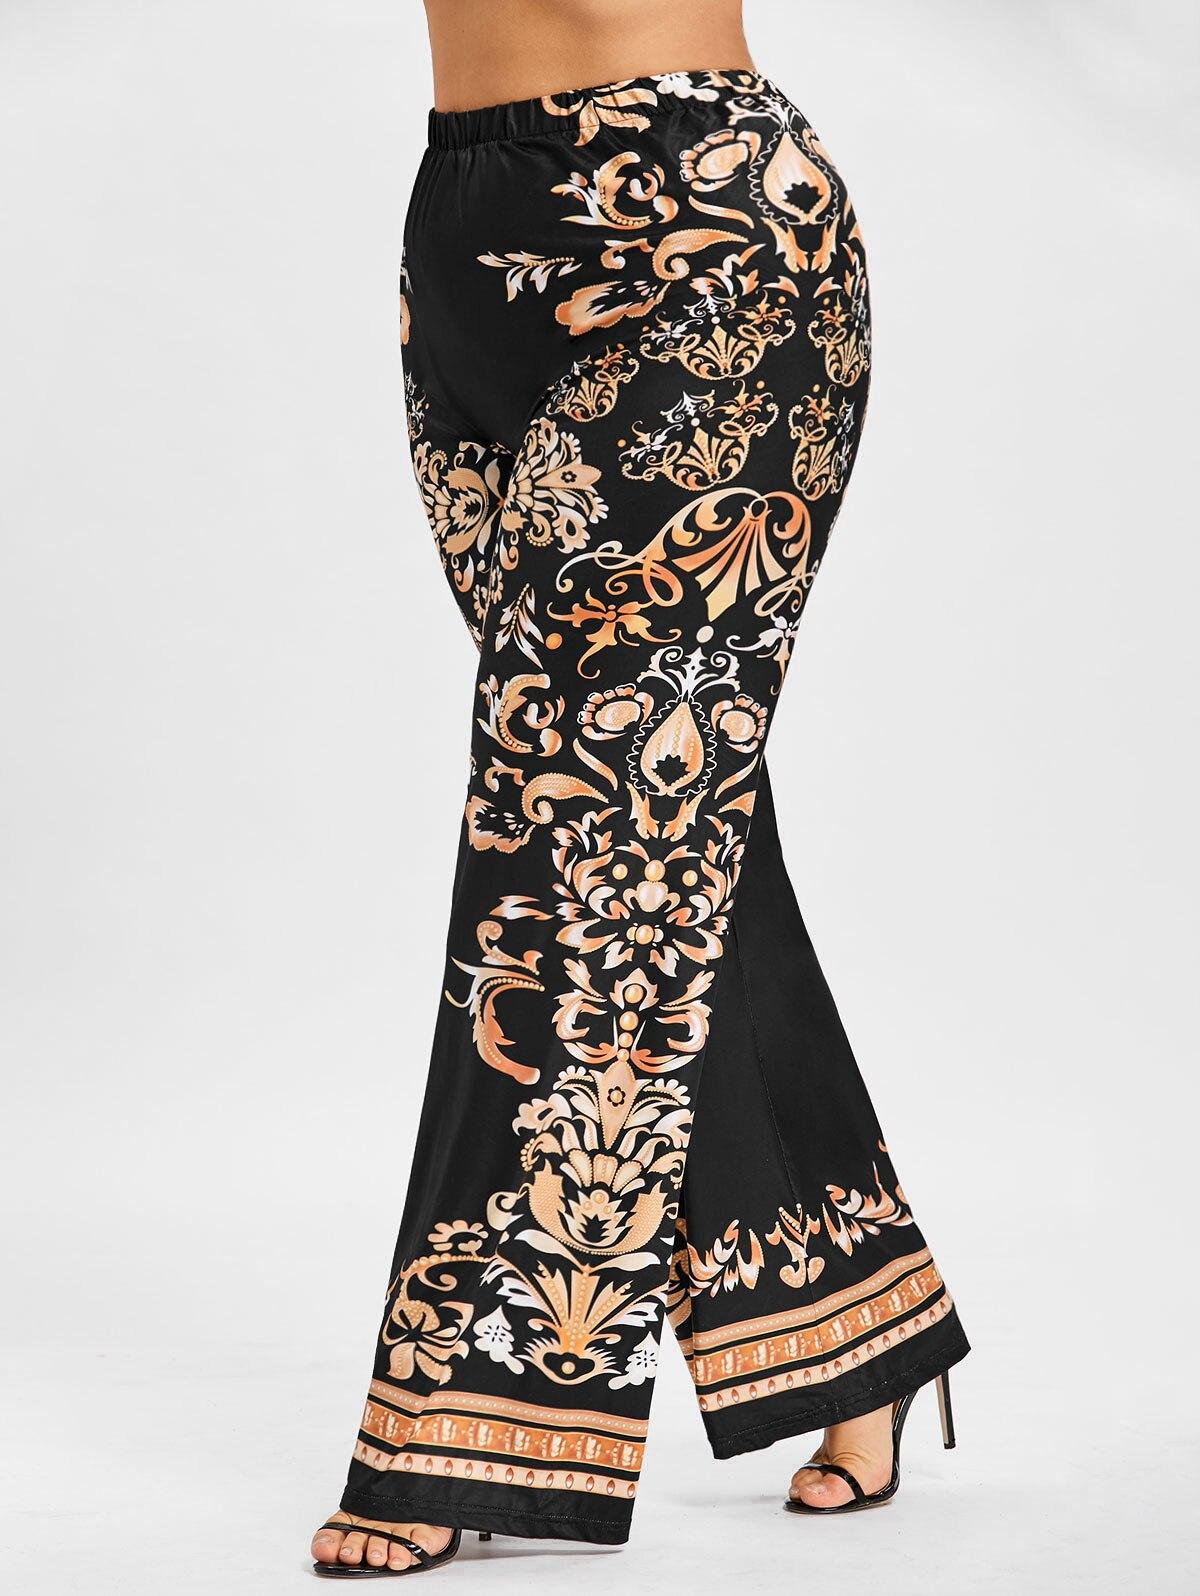 d9e0cac5d1582 Baroque Print Overlength High Elastic Waist Wide Leg Pants